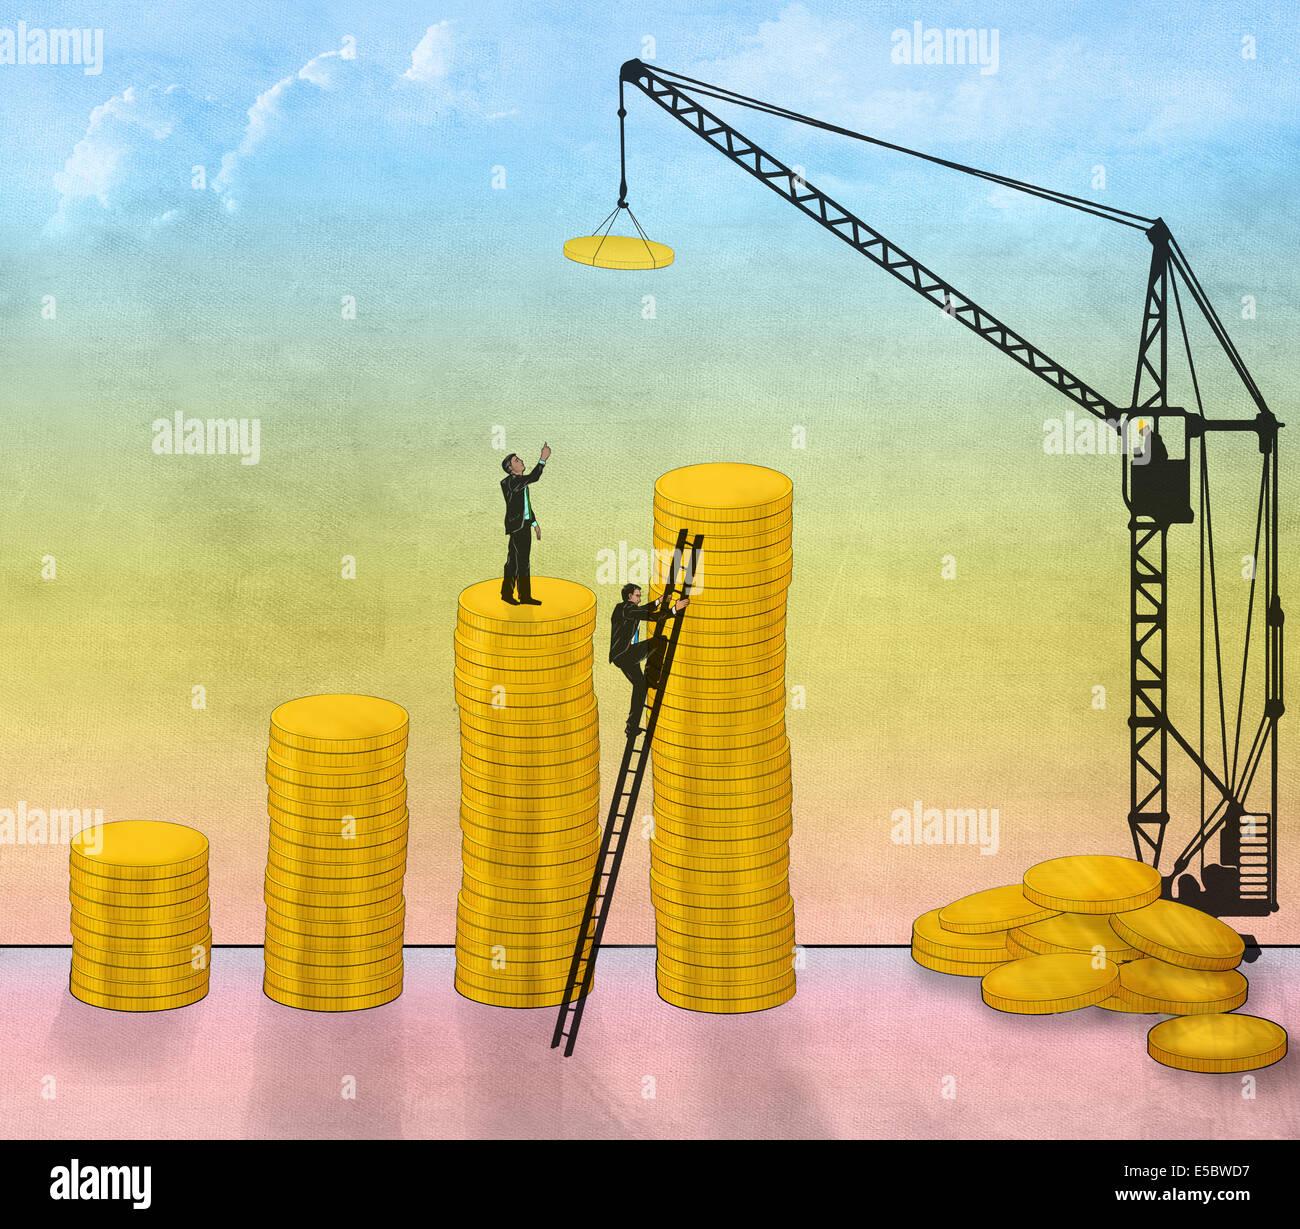 Immagine illustrativa di uomini di affari di costruzione di moneta il grafico a barre che rappresenta lo sviluppo Immagini Stock